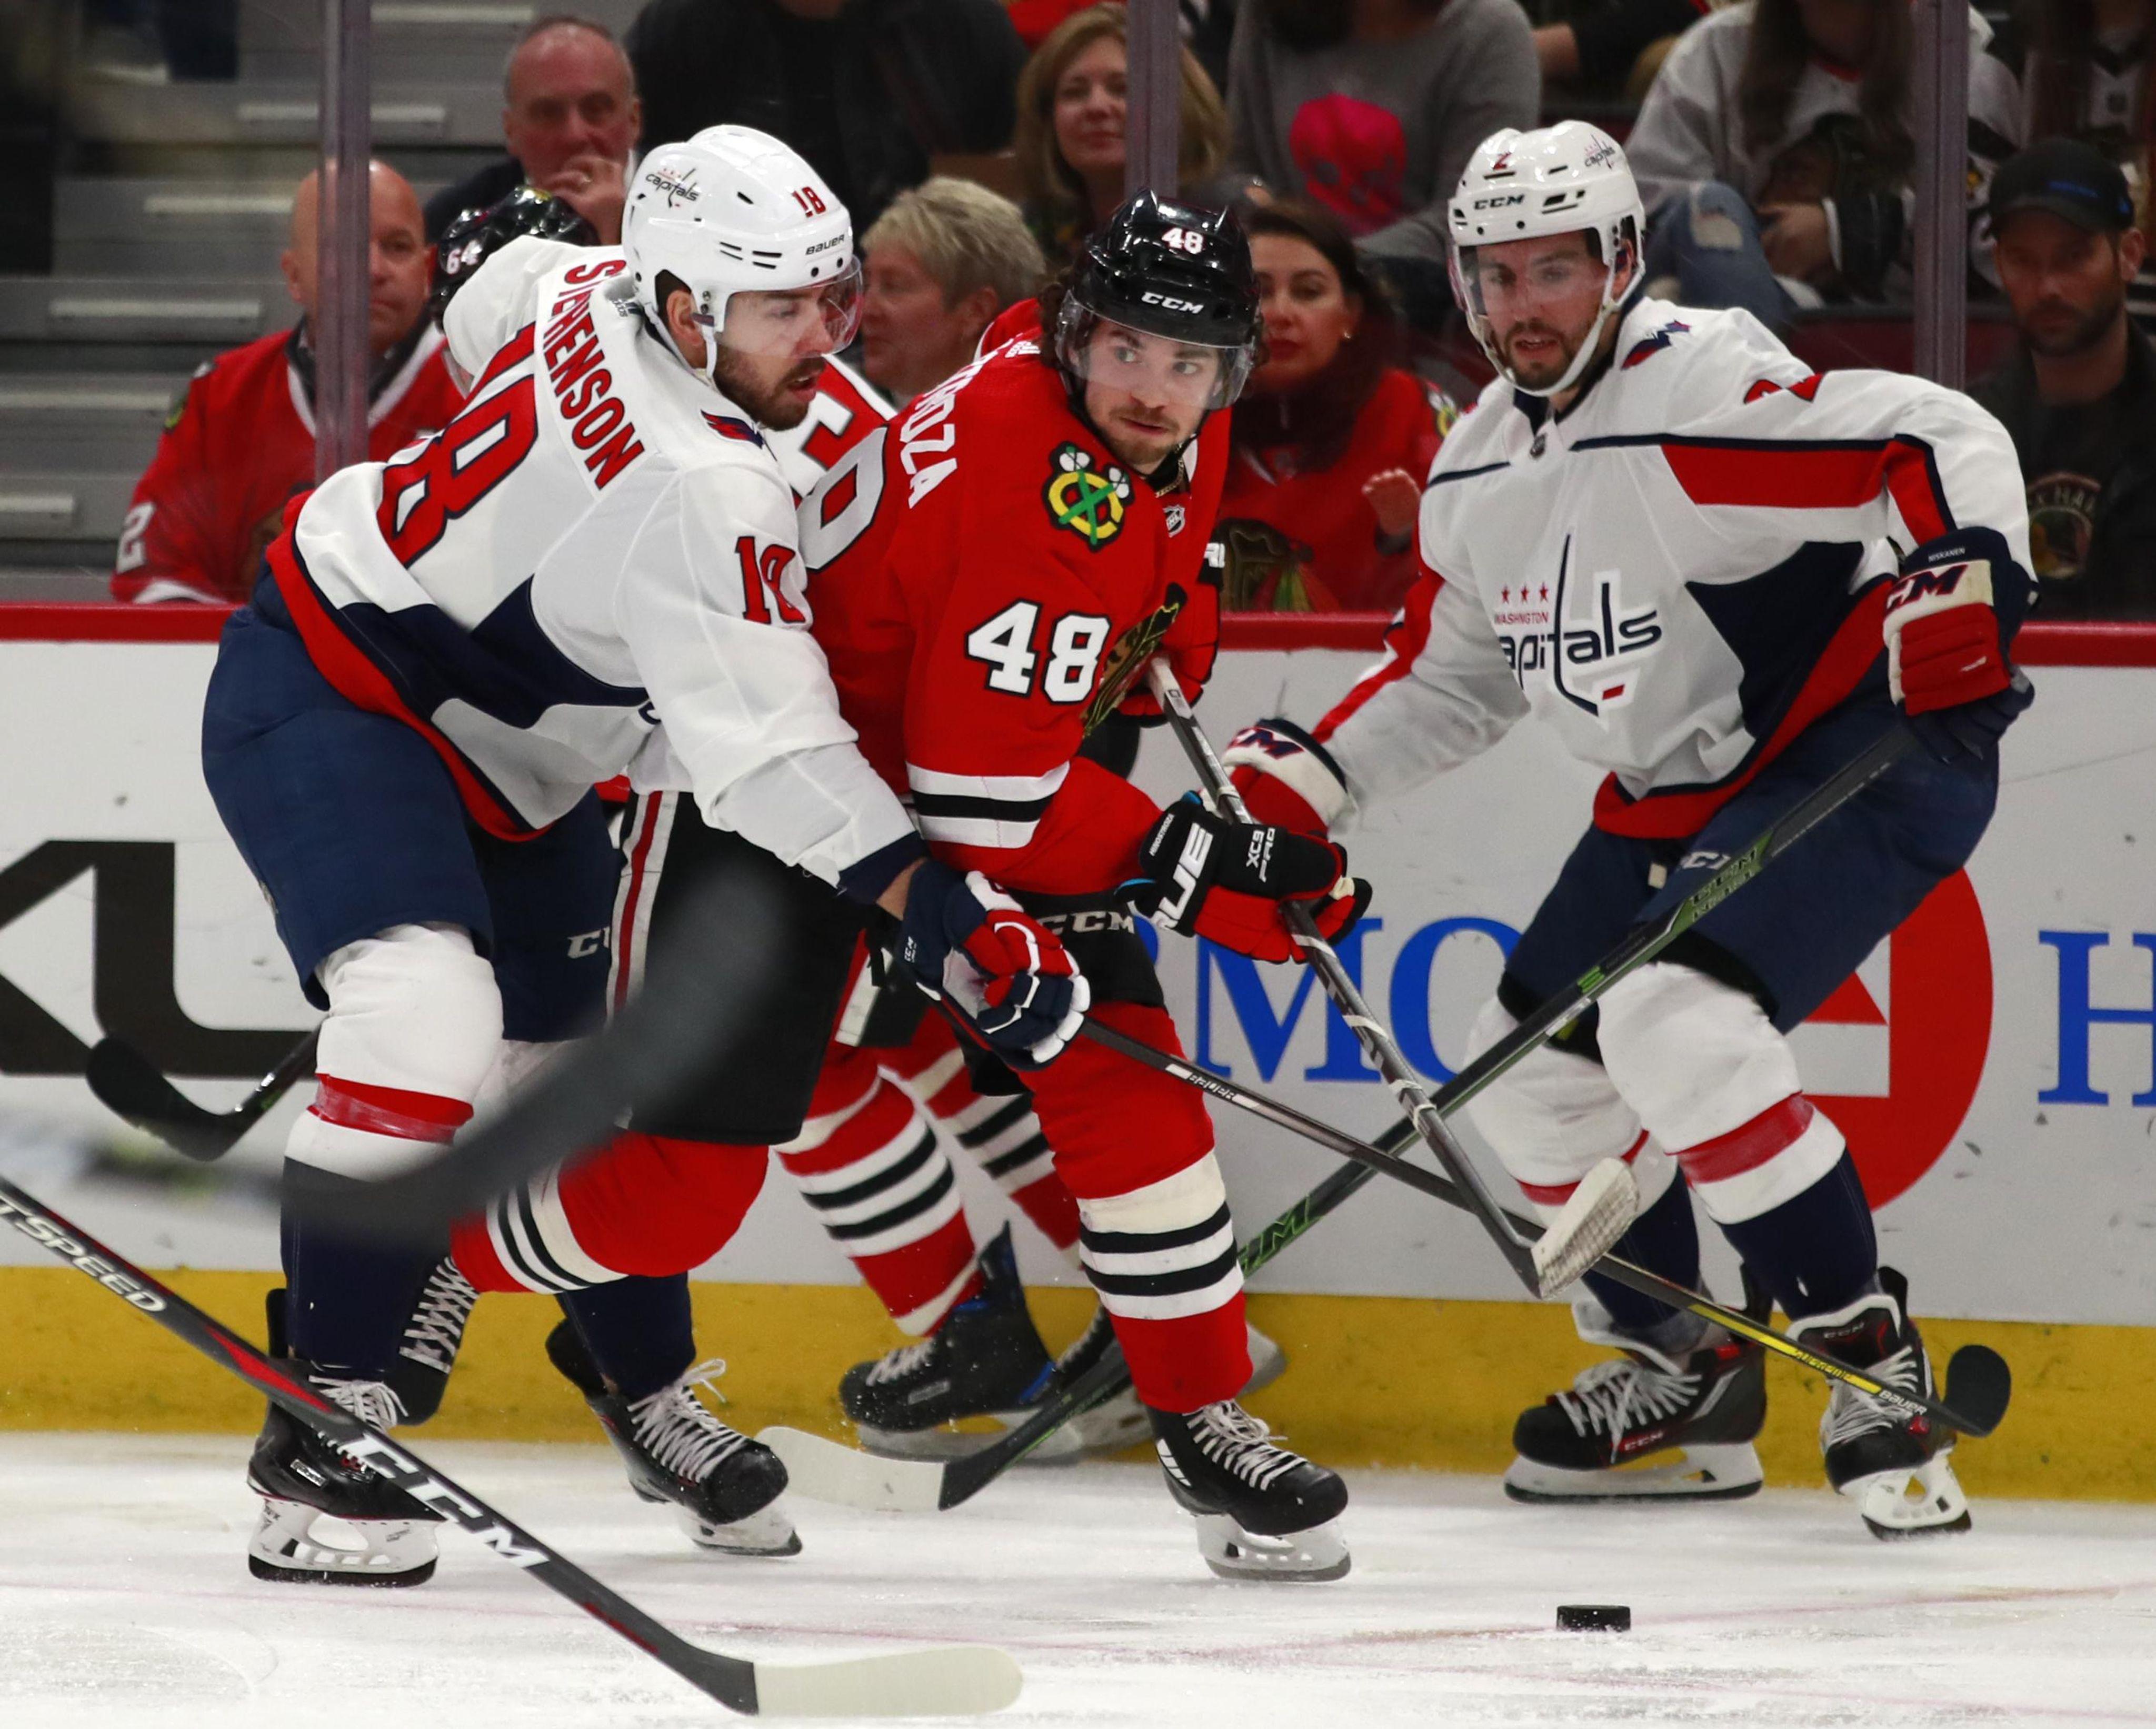 Capitols_blackhawks_hockey_81089_s4096x3284